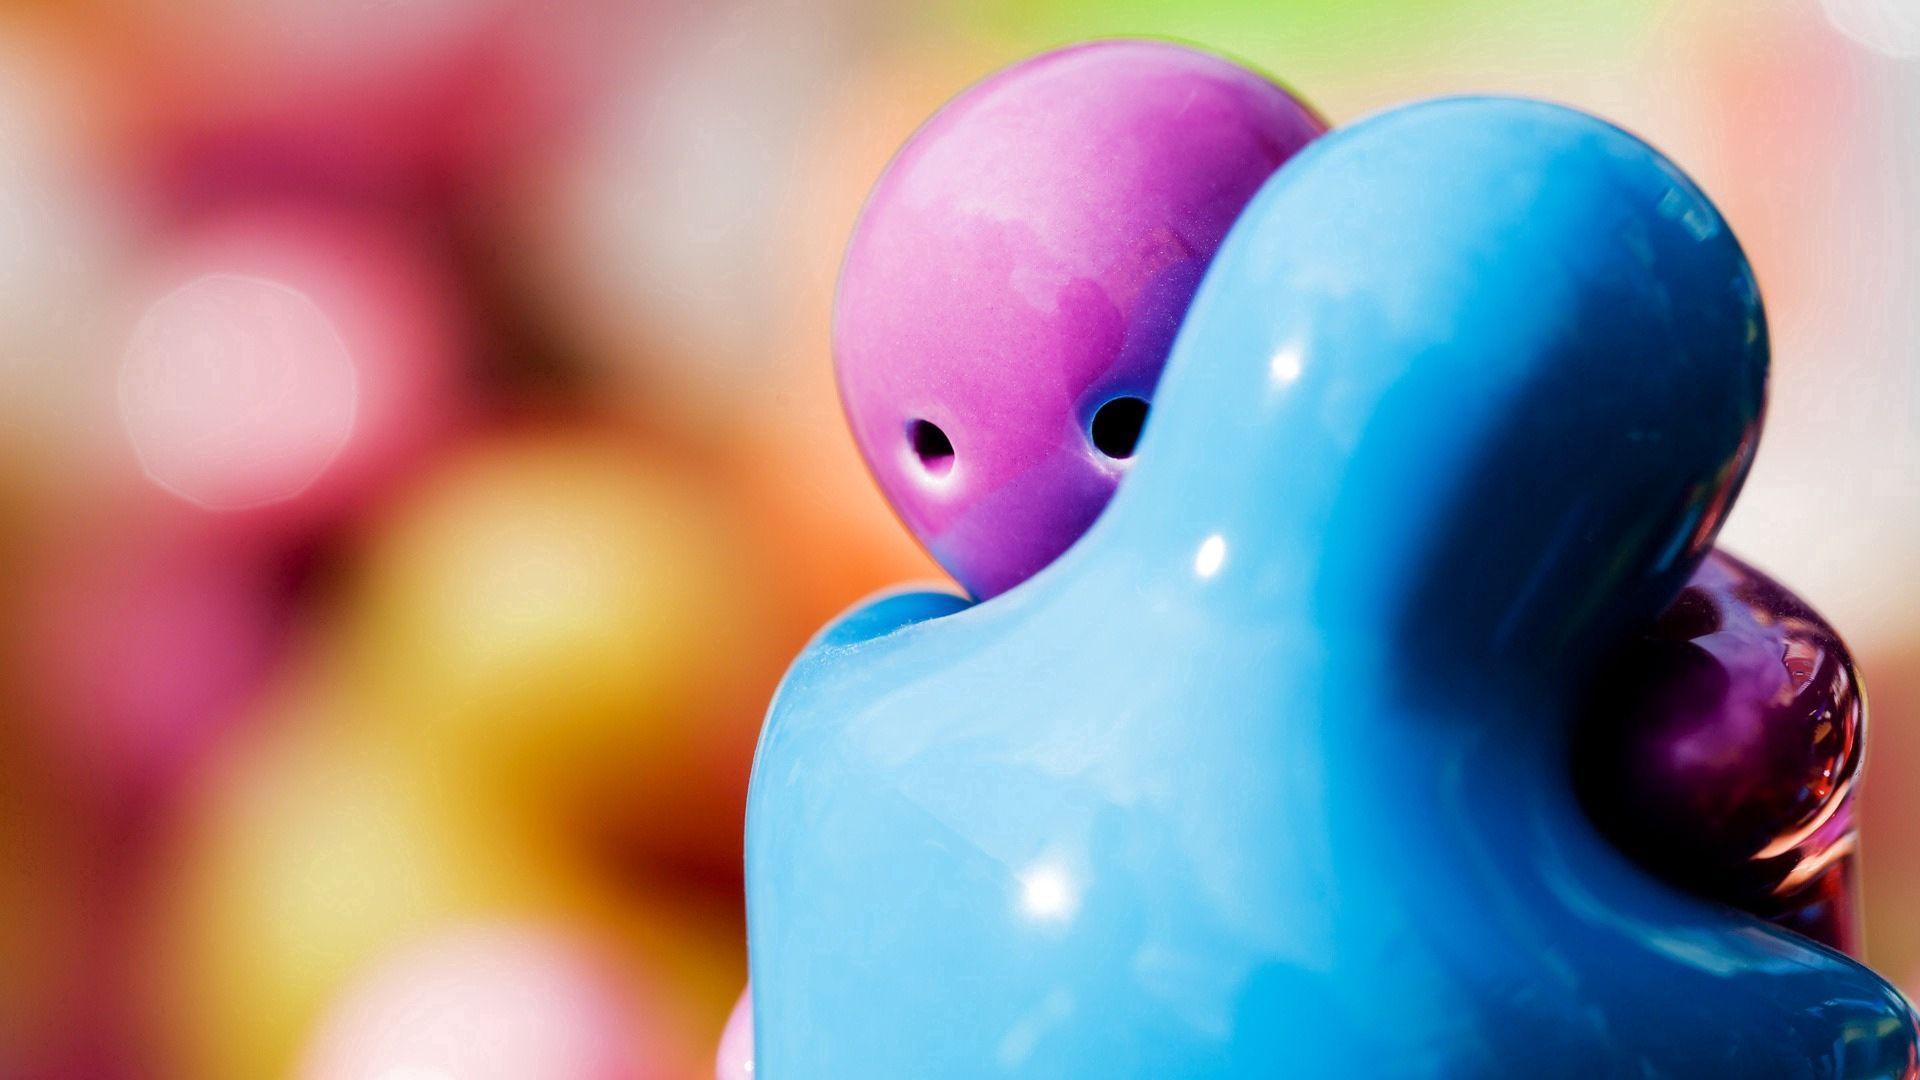 56184 скачать обои Любовь, Статуэтки, Объятие, Голубой, Фиолетовый - заставки и картинки бесплатно